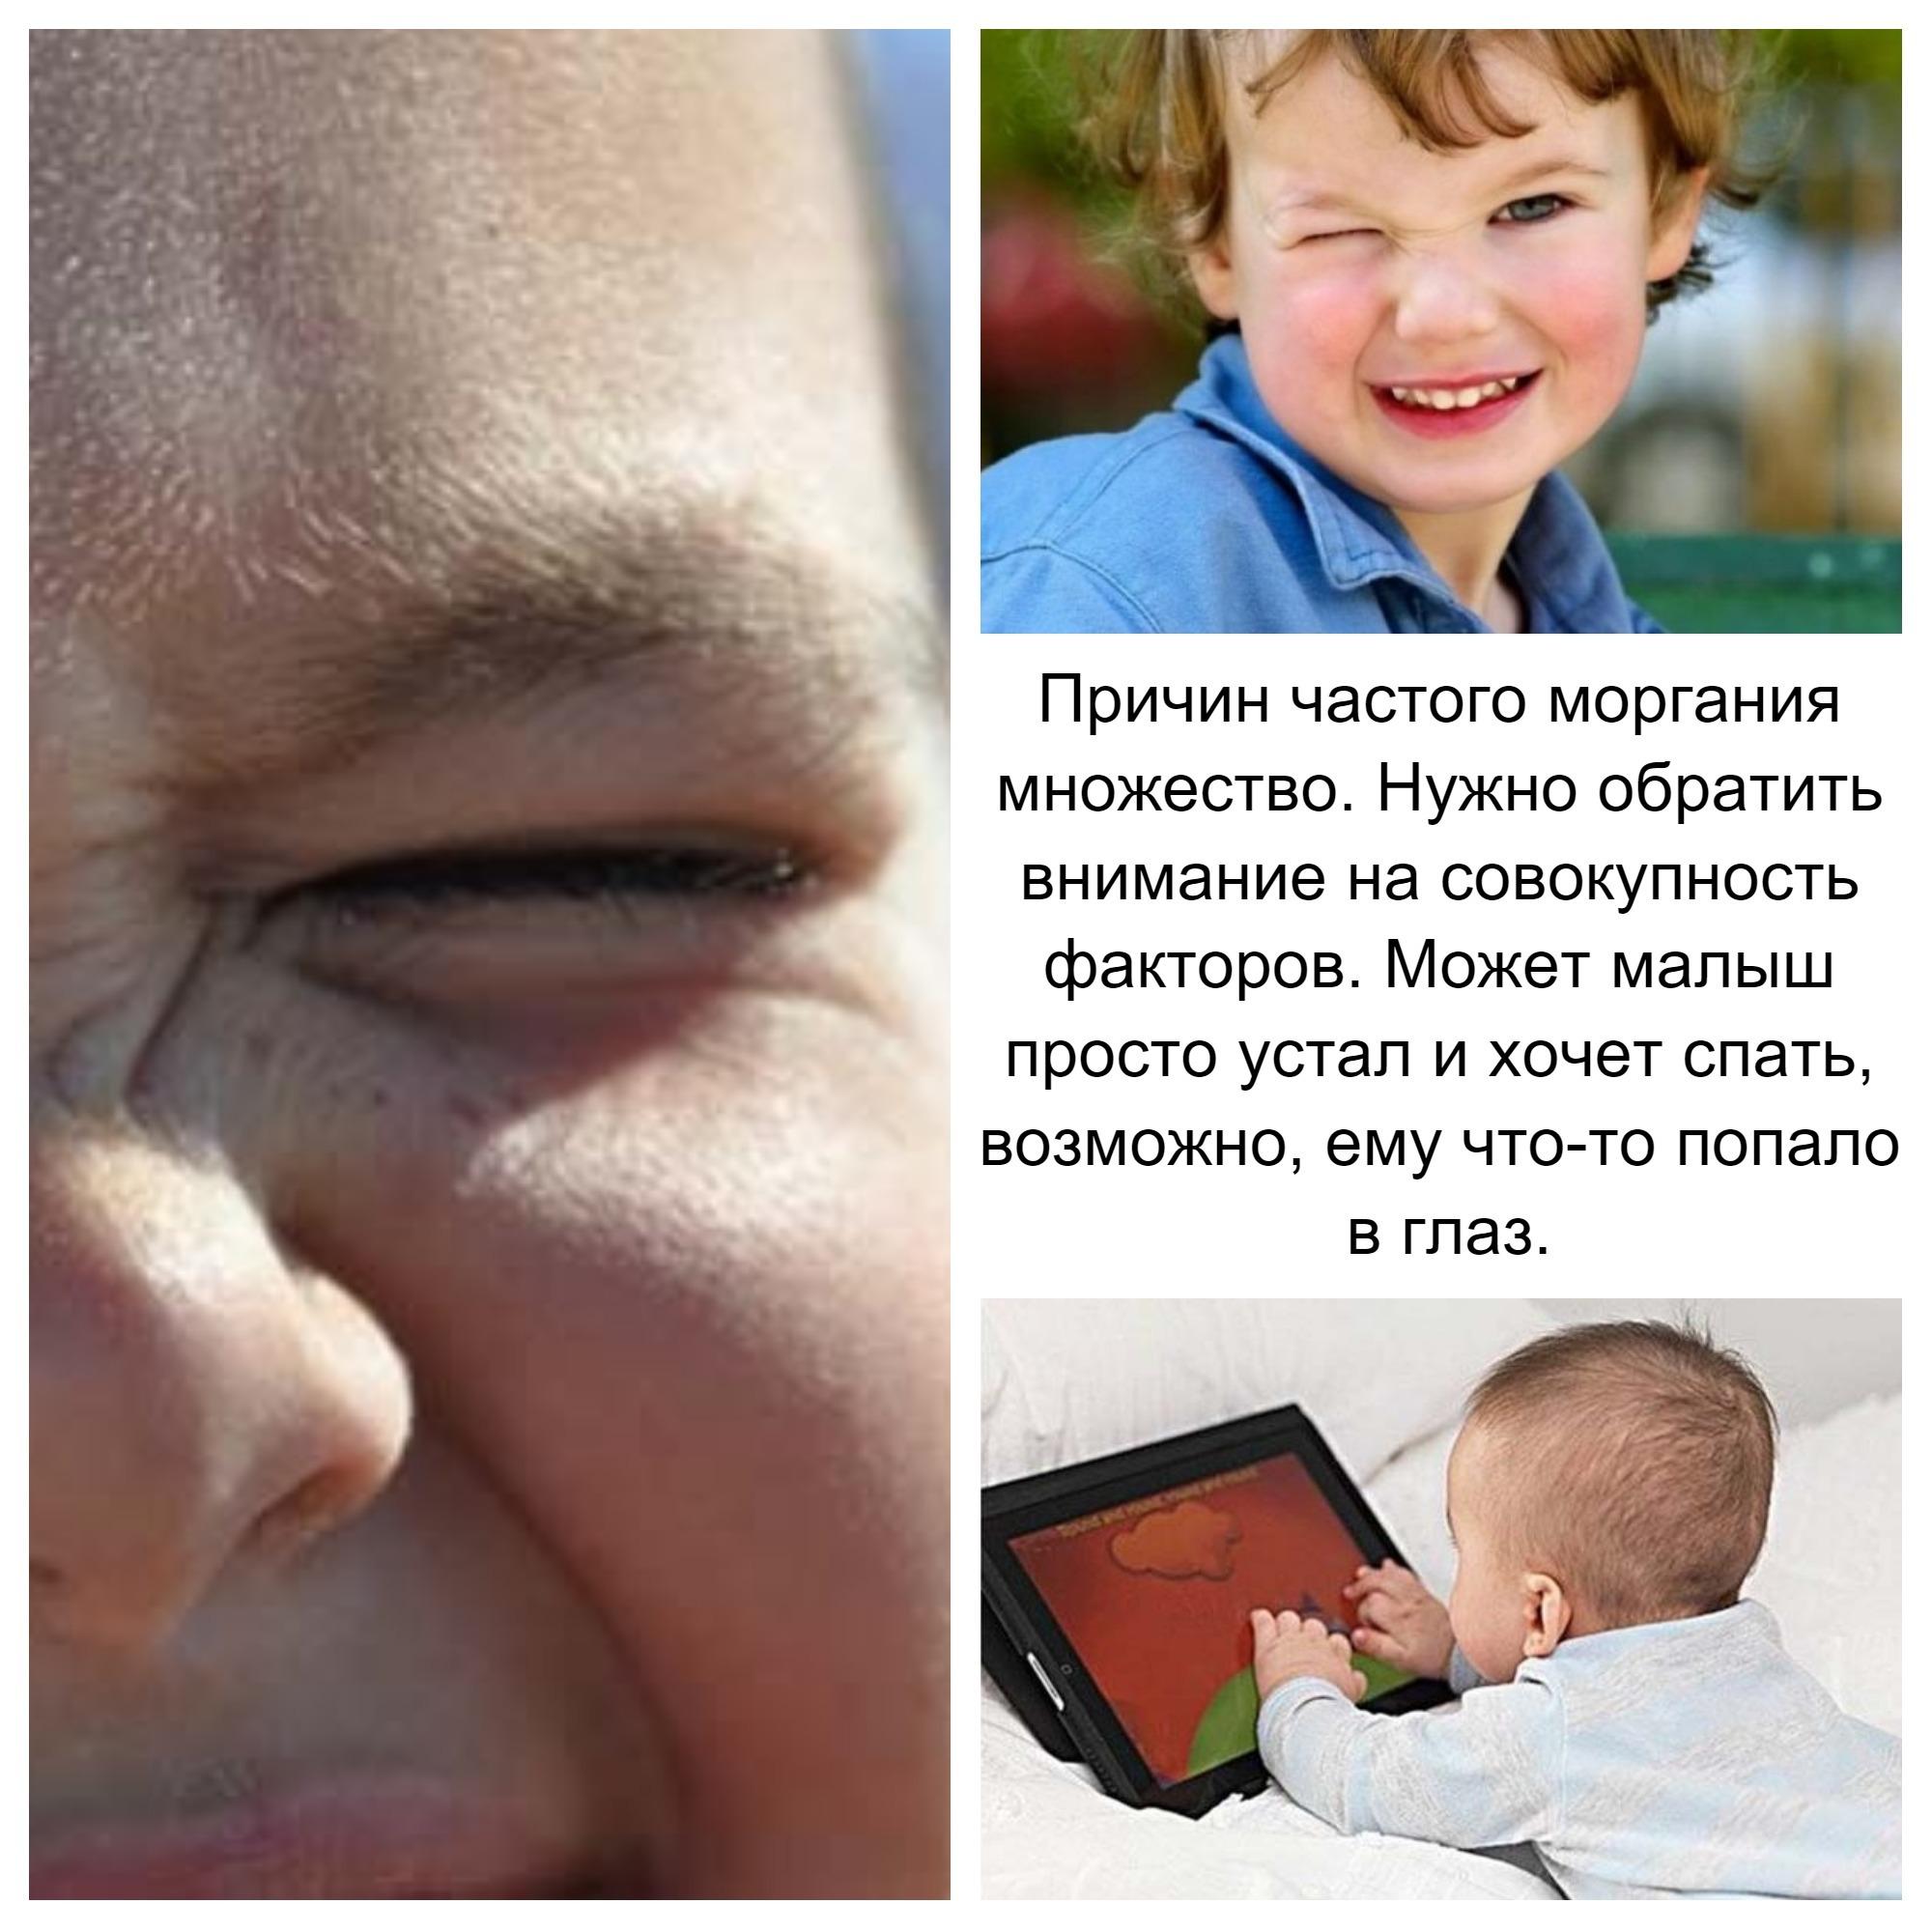 Если ребенок часто моргает причины могут быть самыми разными